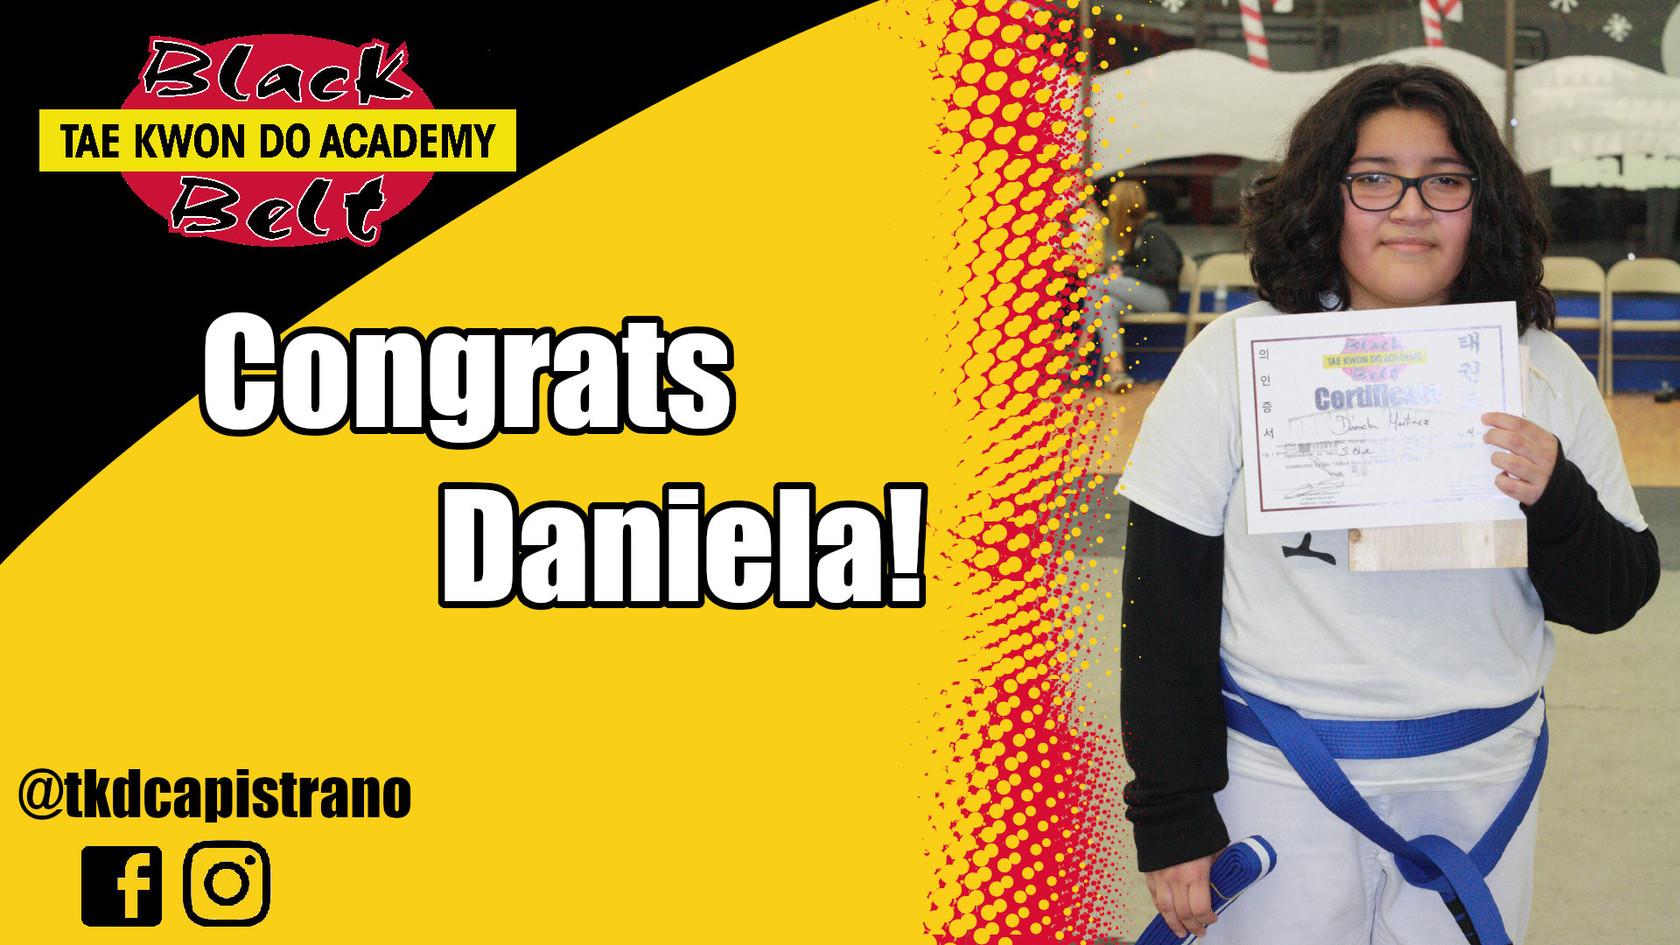 Congrats Daniela!